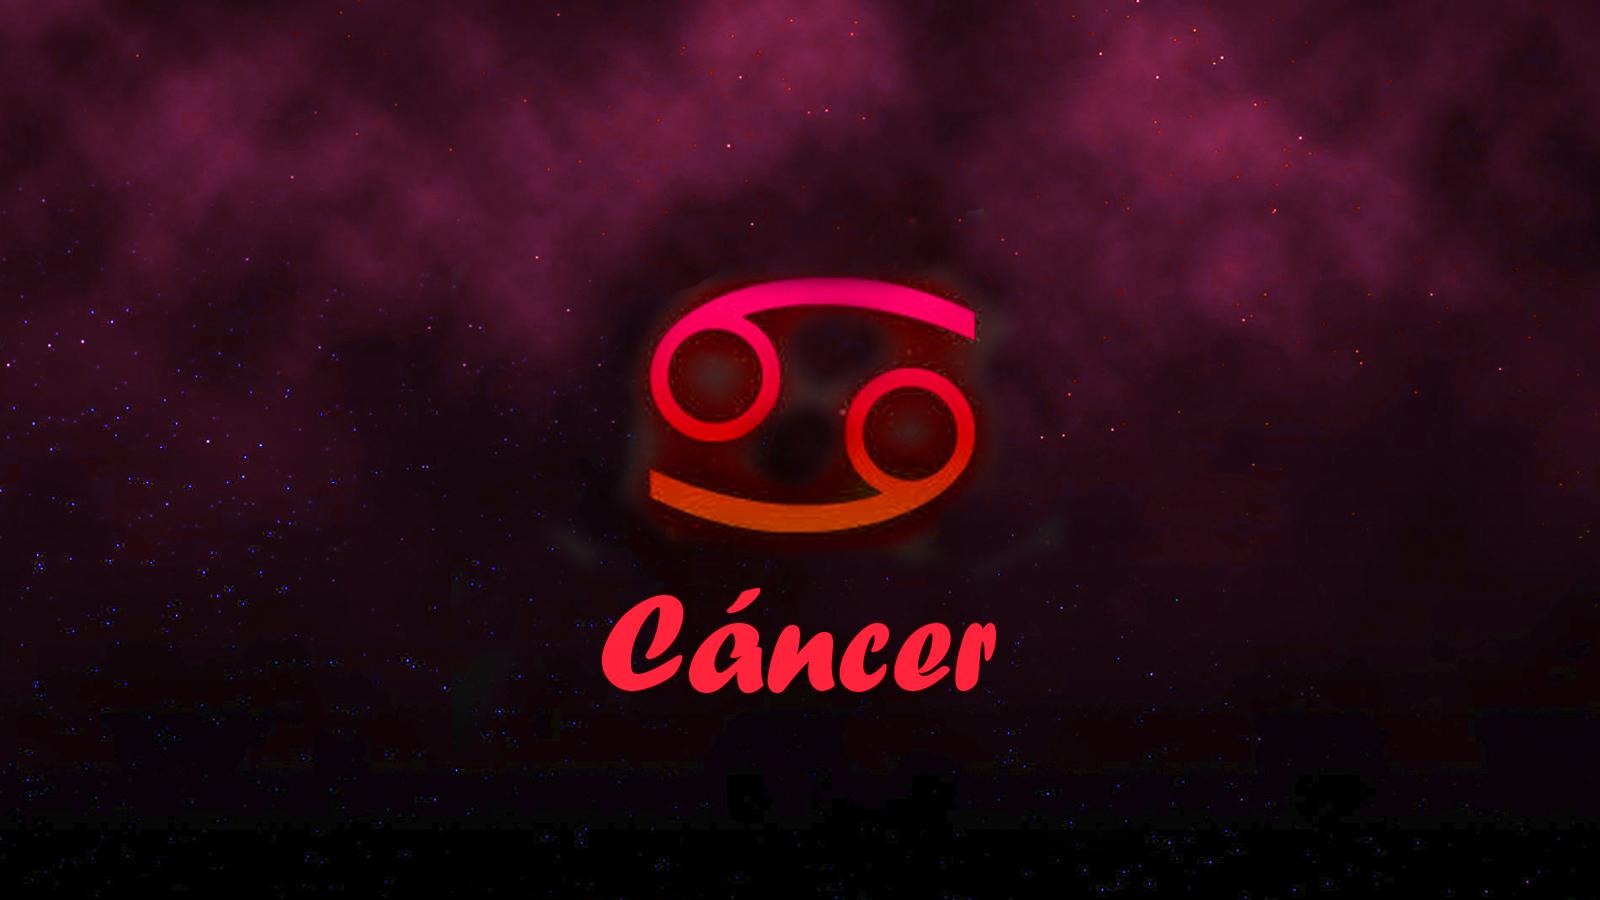 Horoscopo Cancer Hoy - SEONegativo.com